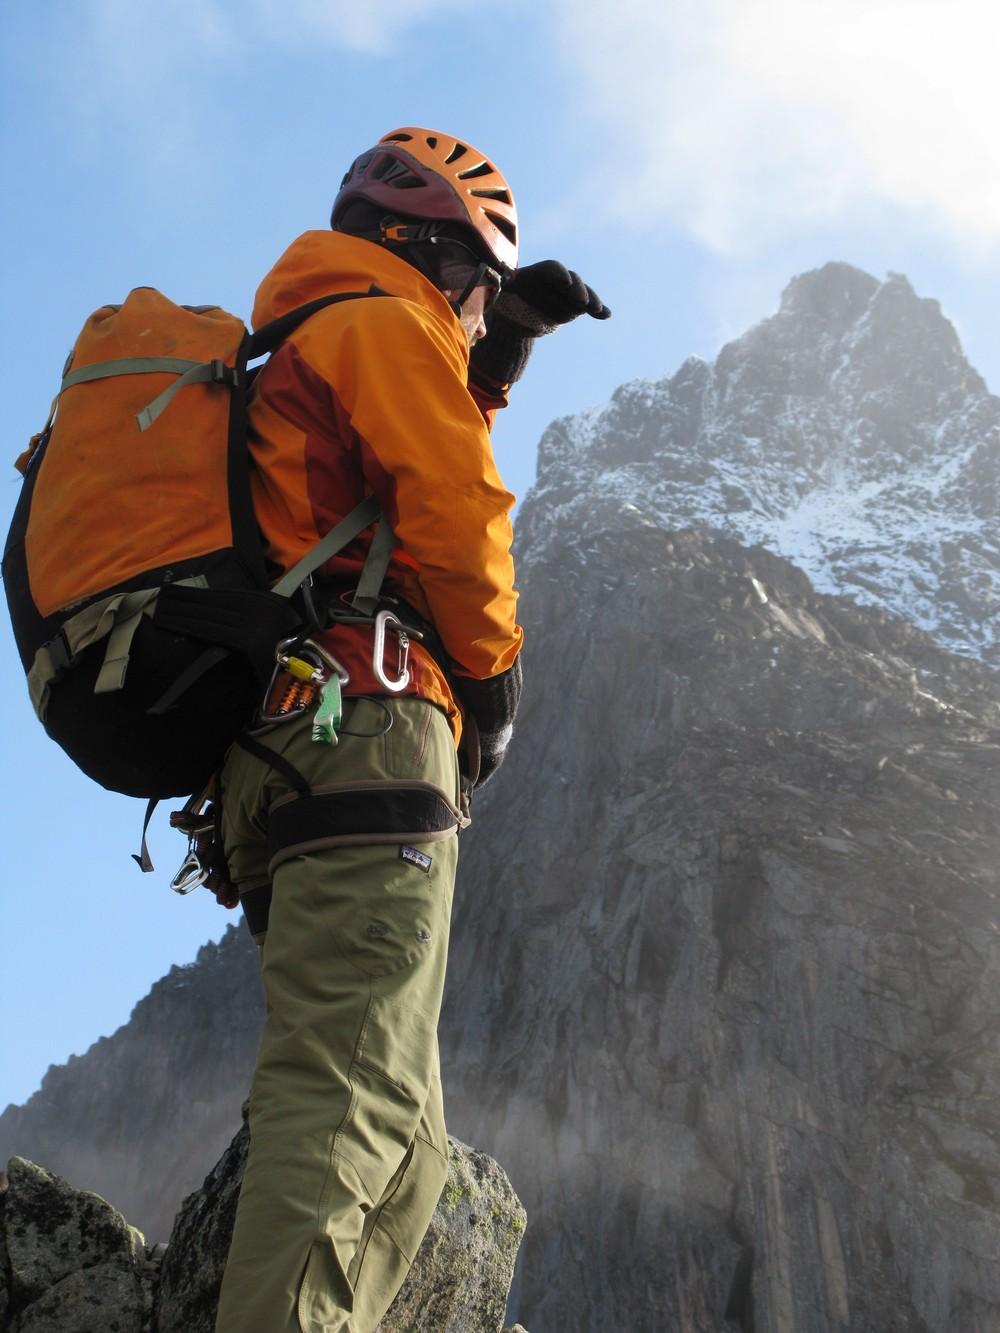 nortind alpin isferd metode 026.jpg